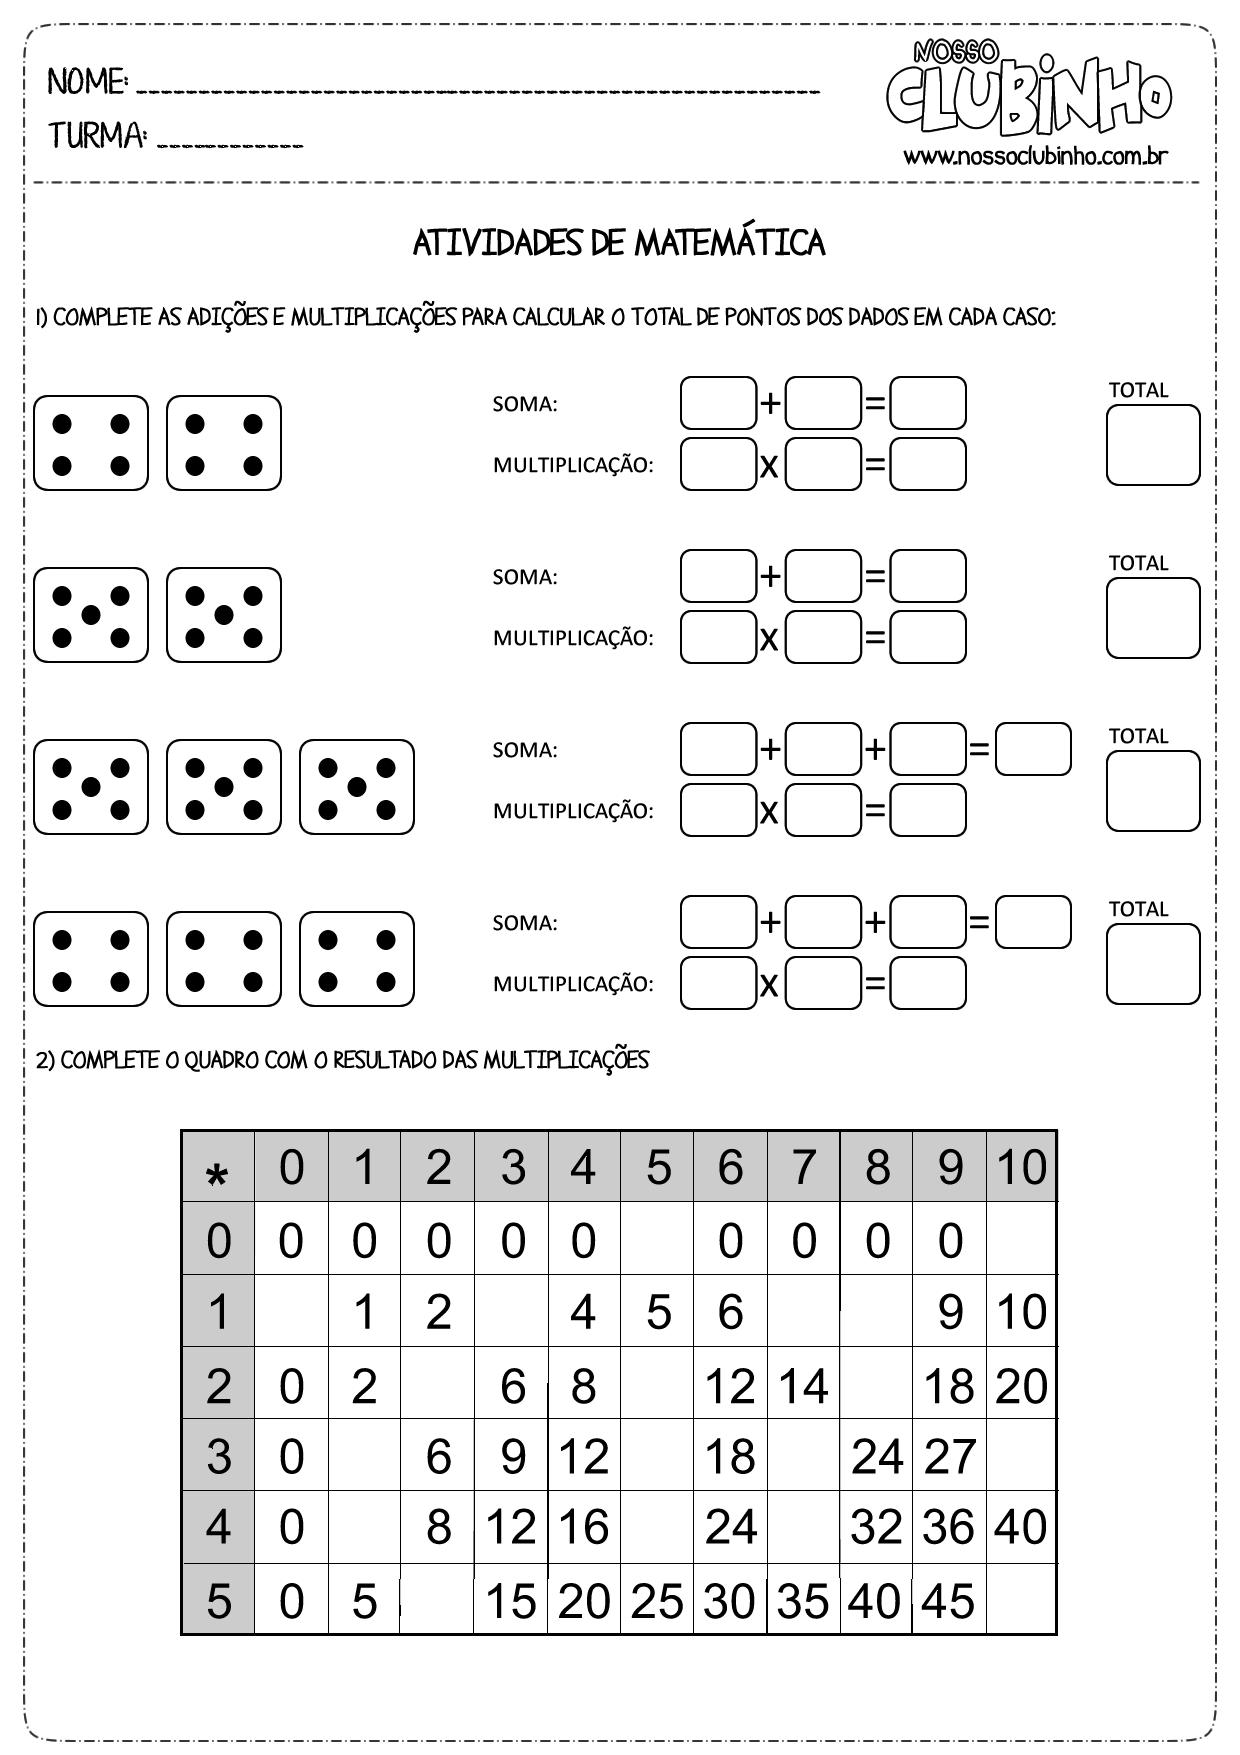 Conhecido atividades de matemática - Página 2 de 4 - Nosso Clubinho LT35